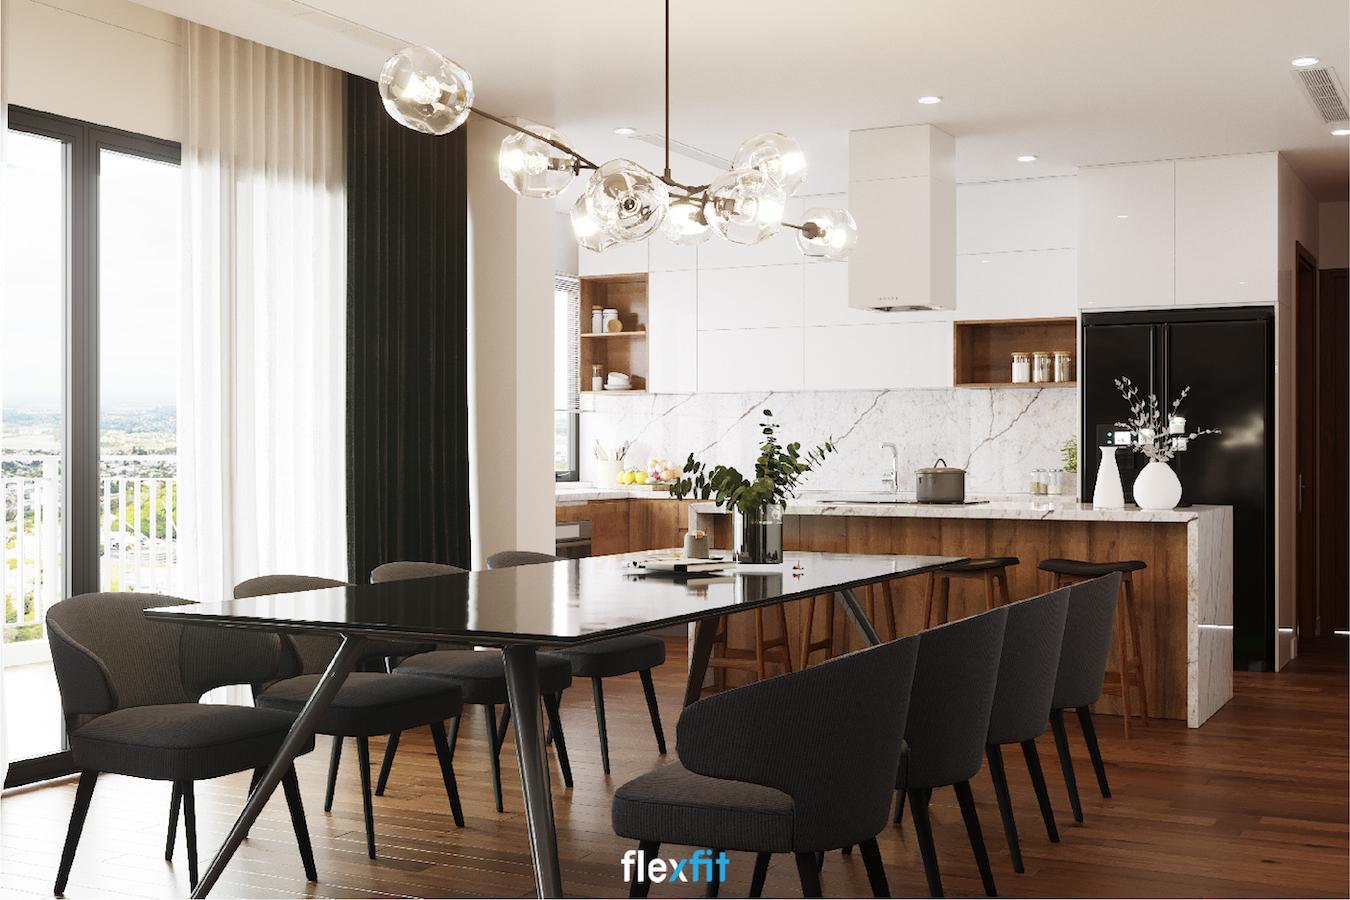 Mẫu thiết kế phòng bếp 20m2 hợp lý đầy đủ tiện nghi